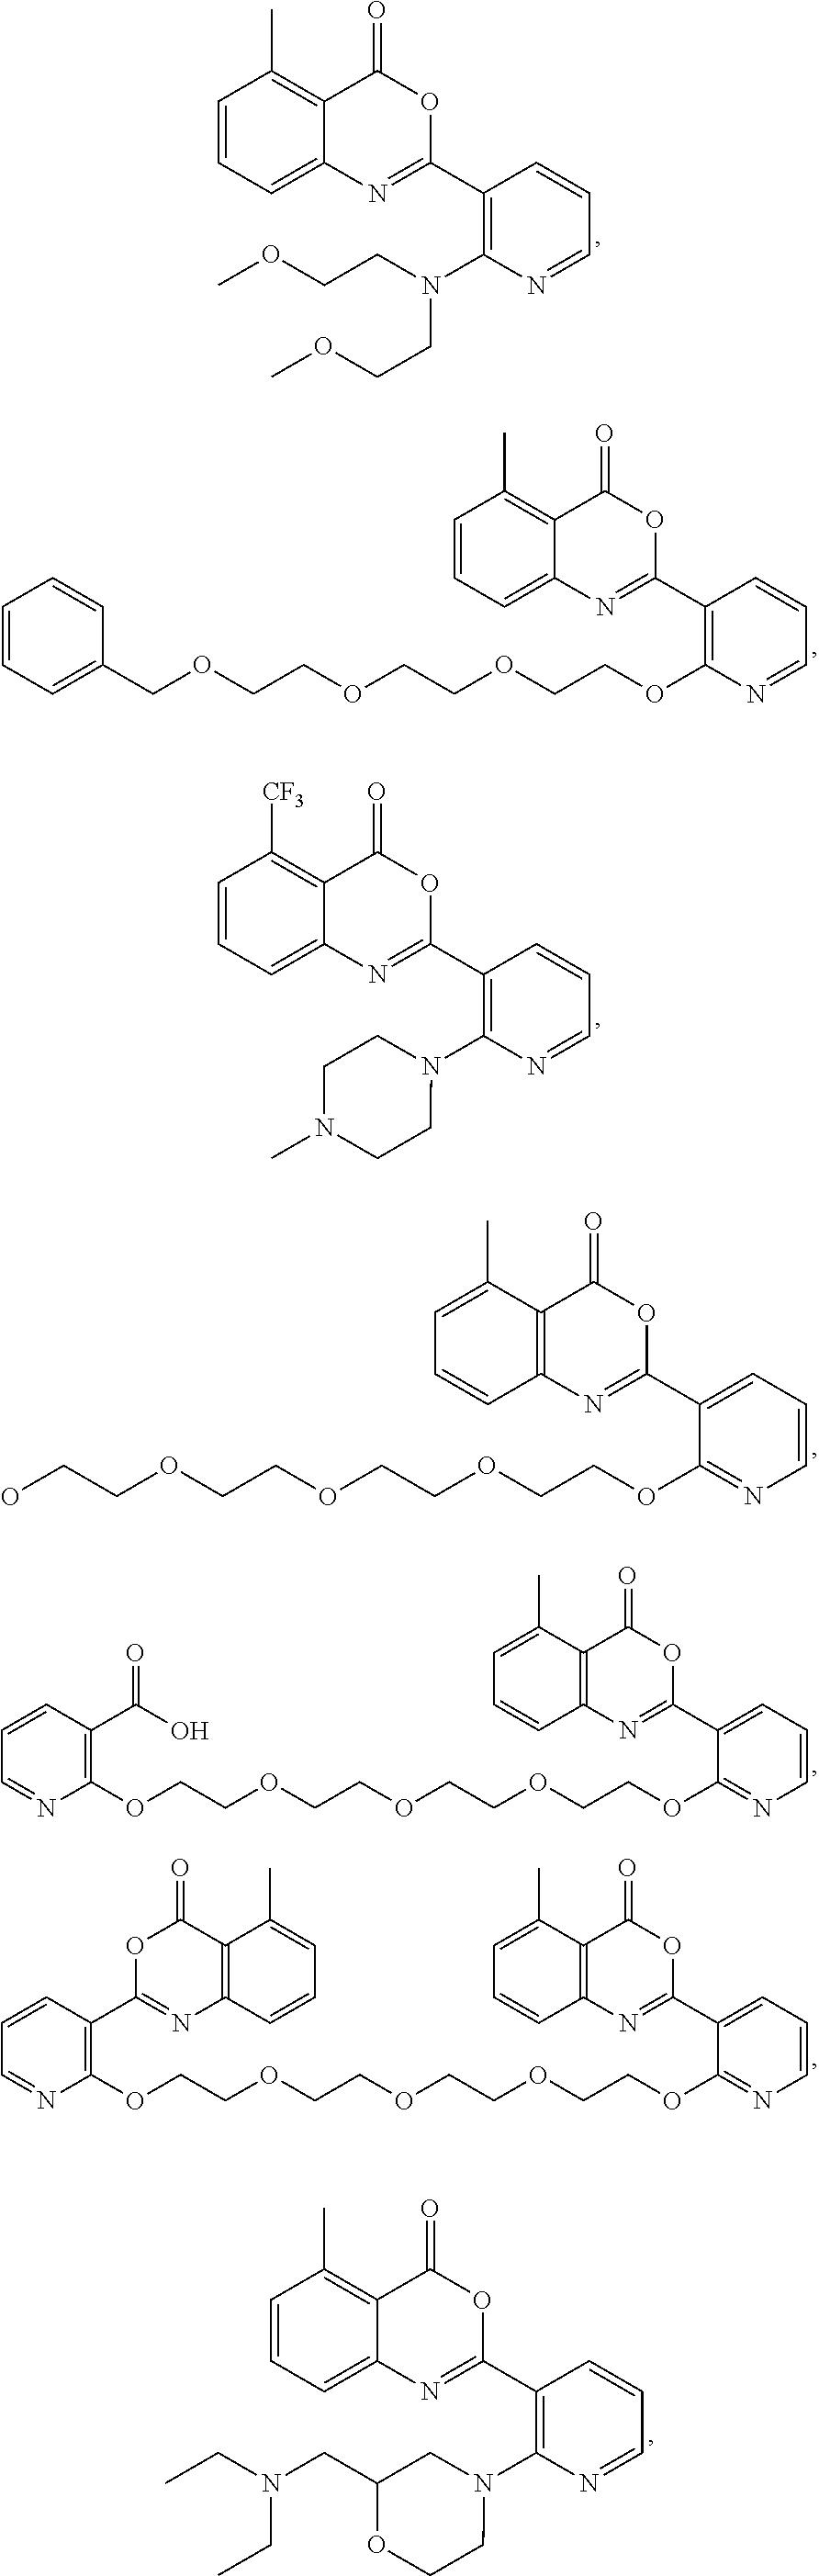 Figure US07879846-20110201-C00381